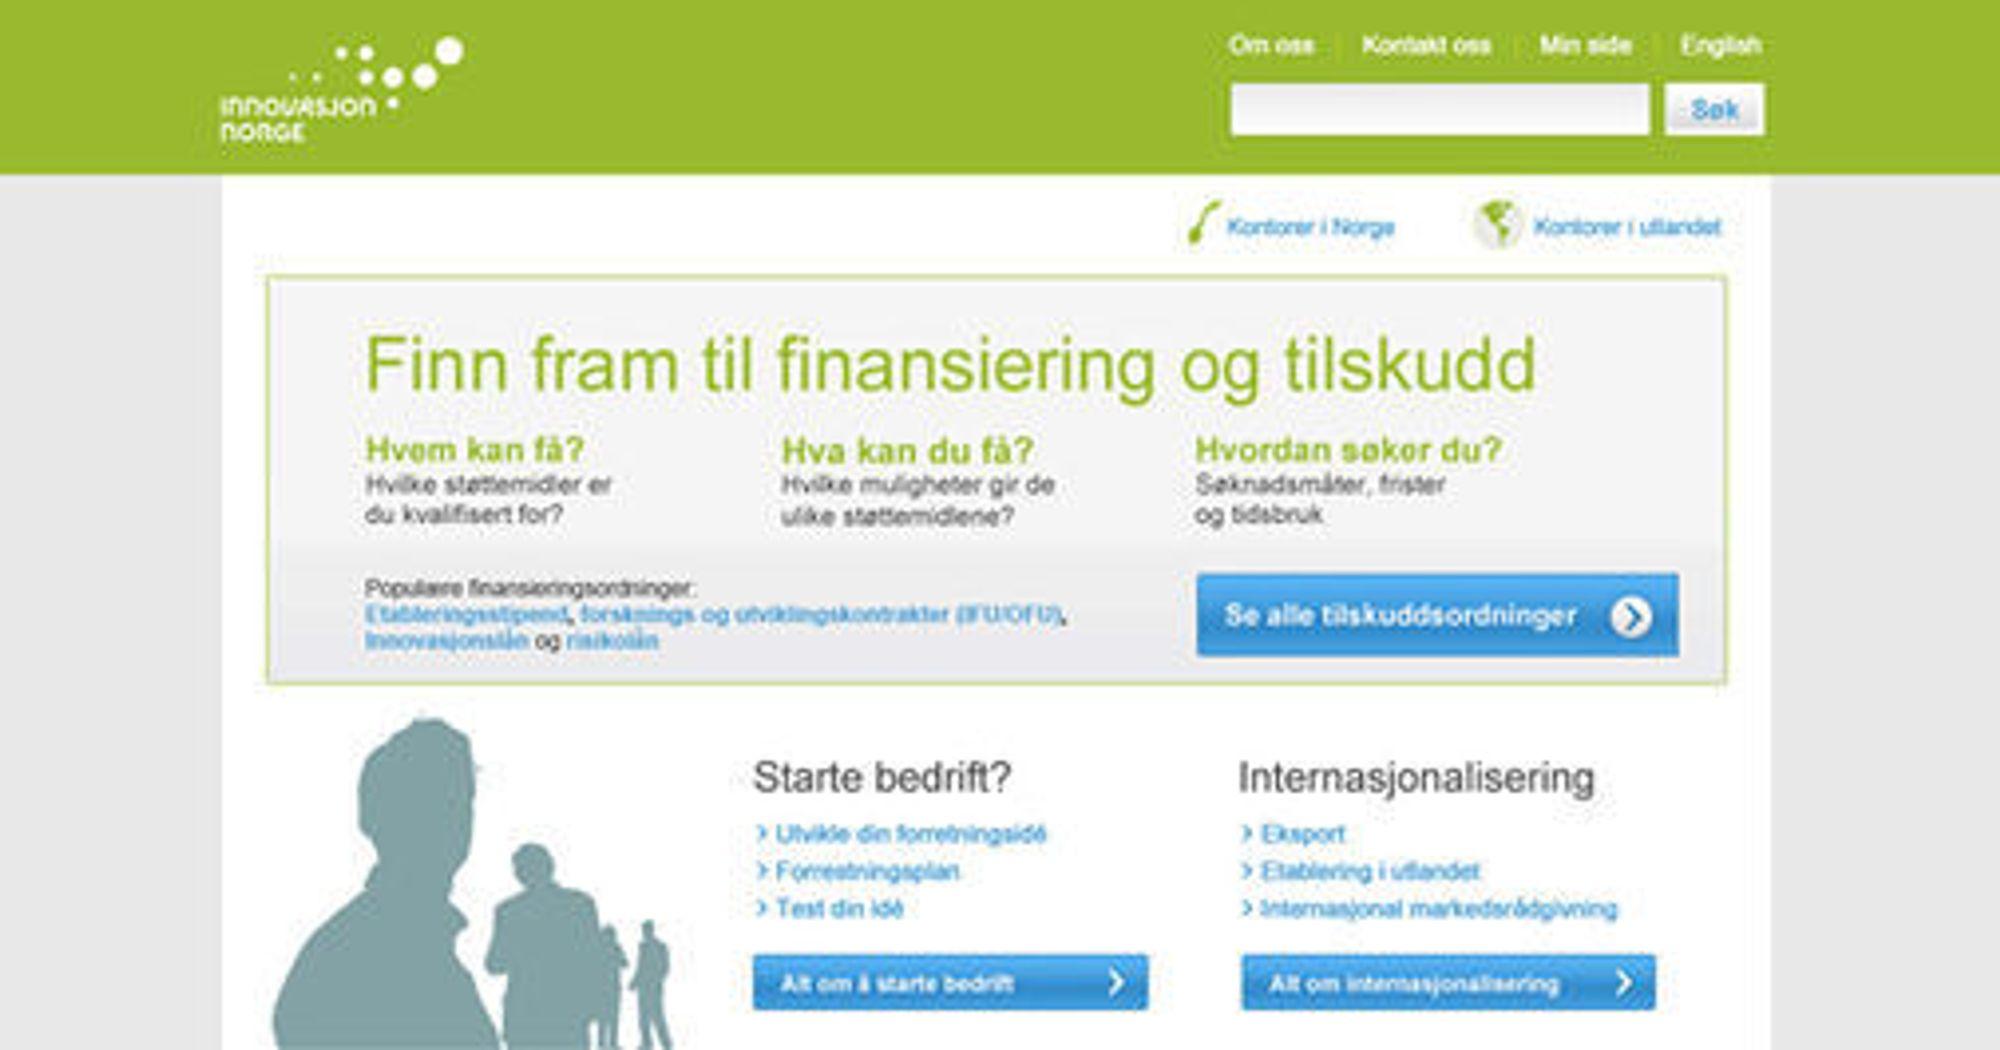 Utkast til ny forside for innovasjonnorge.no. Nettstedet blir lansert i beta rett over sommeren.